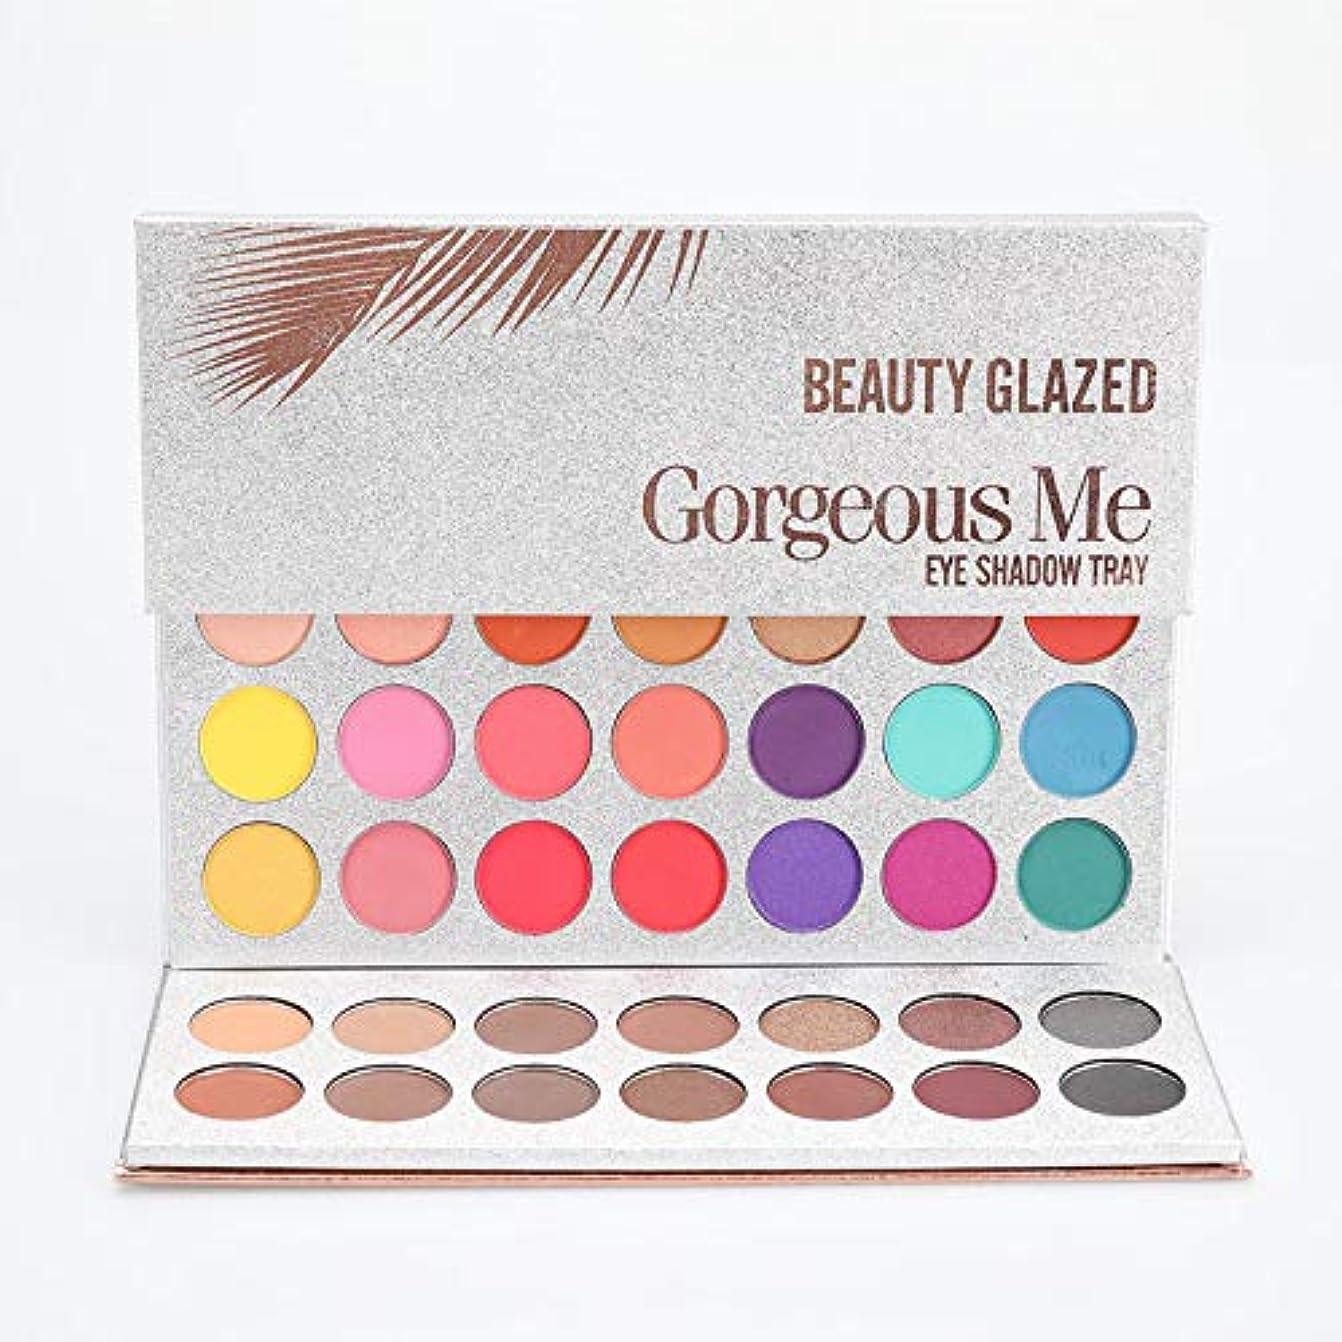 物理アルバム明るい63 Color eyeshadow pallete Glitter Makeup Matte Eye shadow make up palette maquillage paleta de sombra 63色のアイシャドーパレエキラキラメイクアップマットアイシャドウメイクアップパレットマキアージュパレタデムブラブ